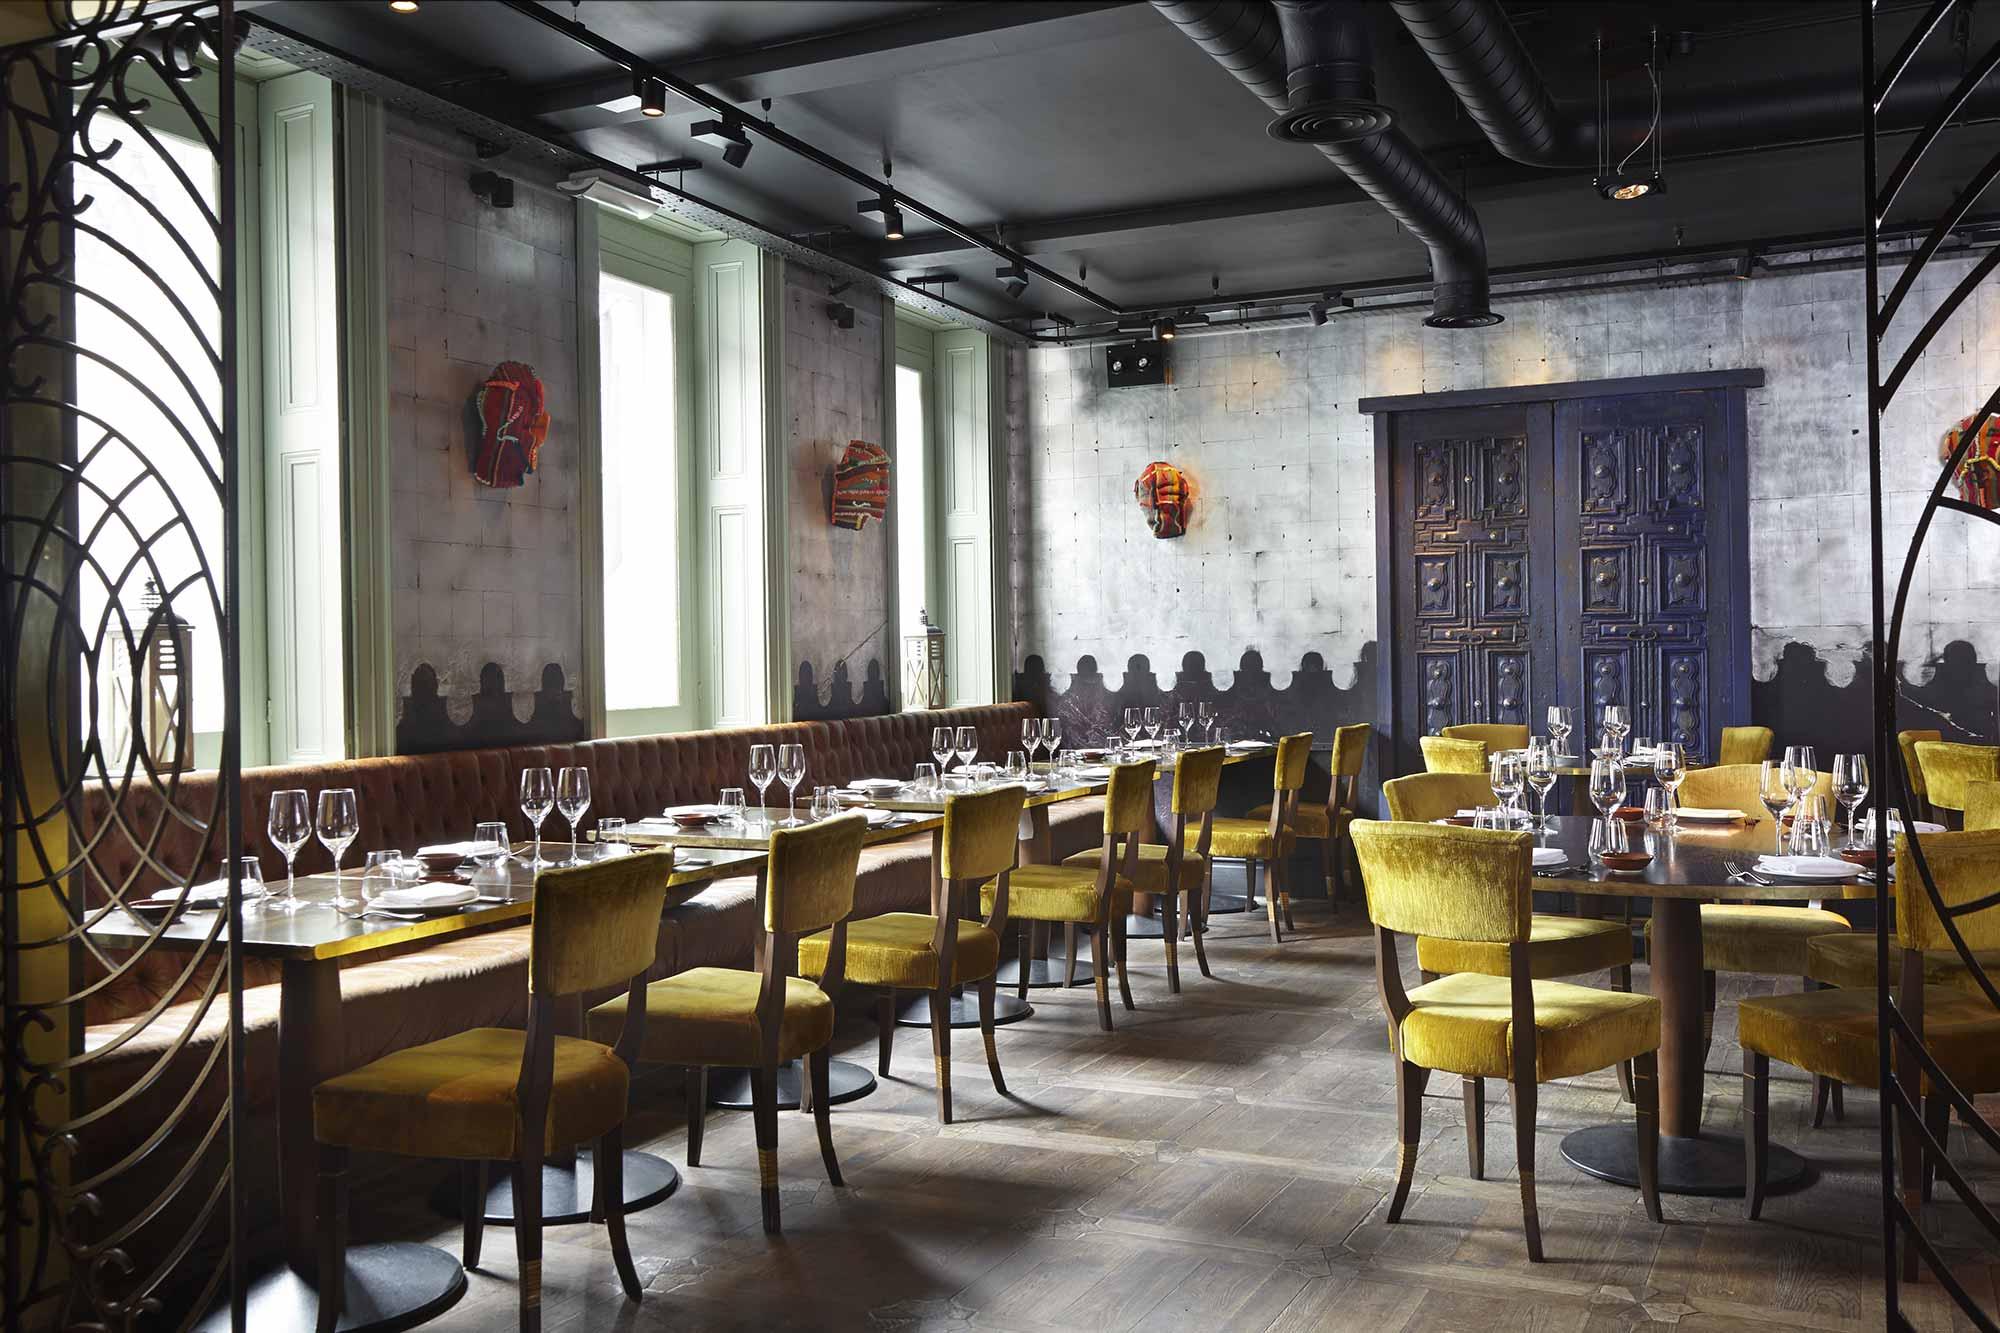 Restaurante Coya, Mayfair - Onde comer e beber em Londres